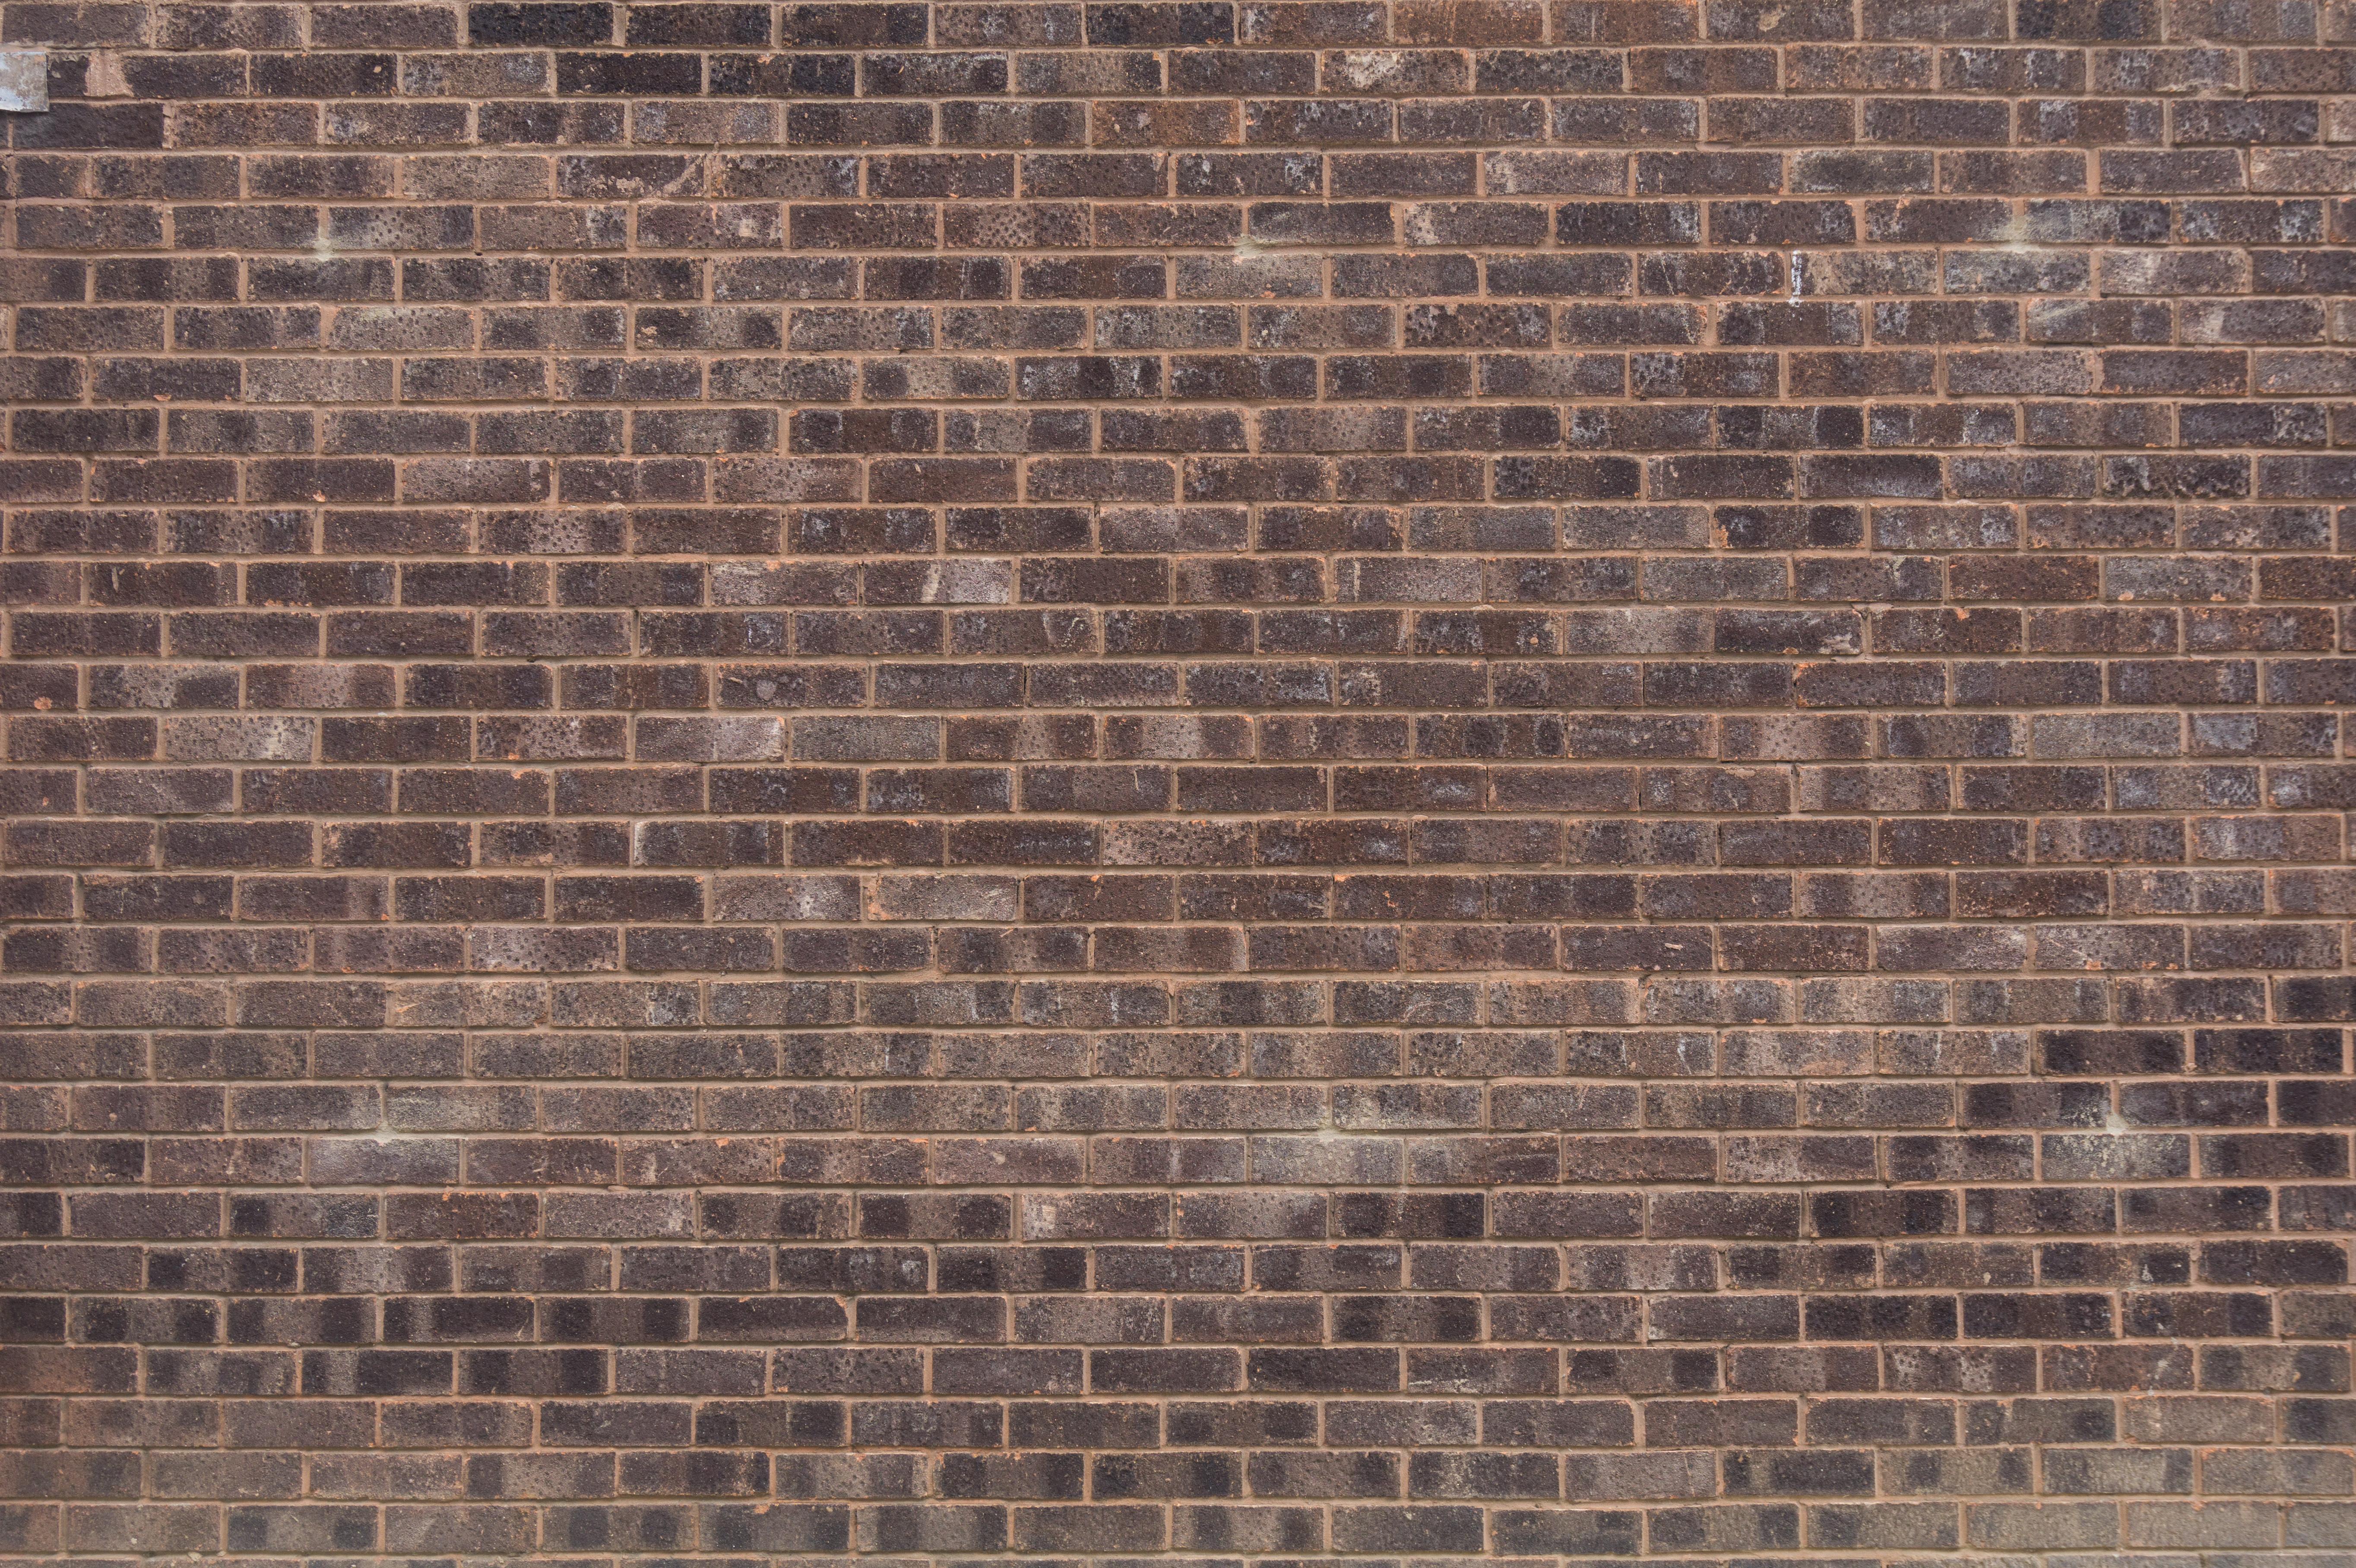 Regular City Brick-041 - Bricks - Texturify - Free textures